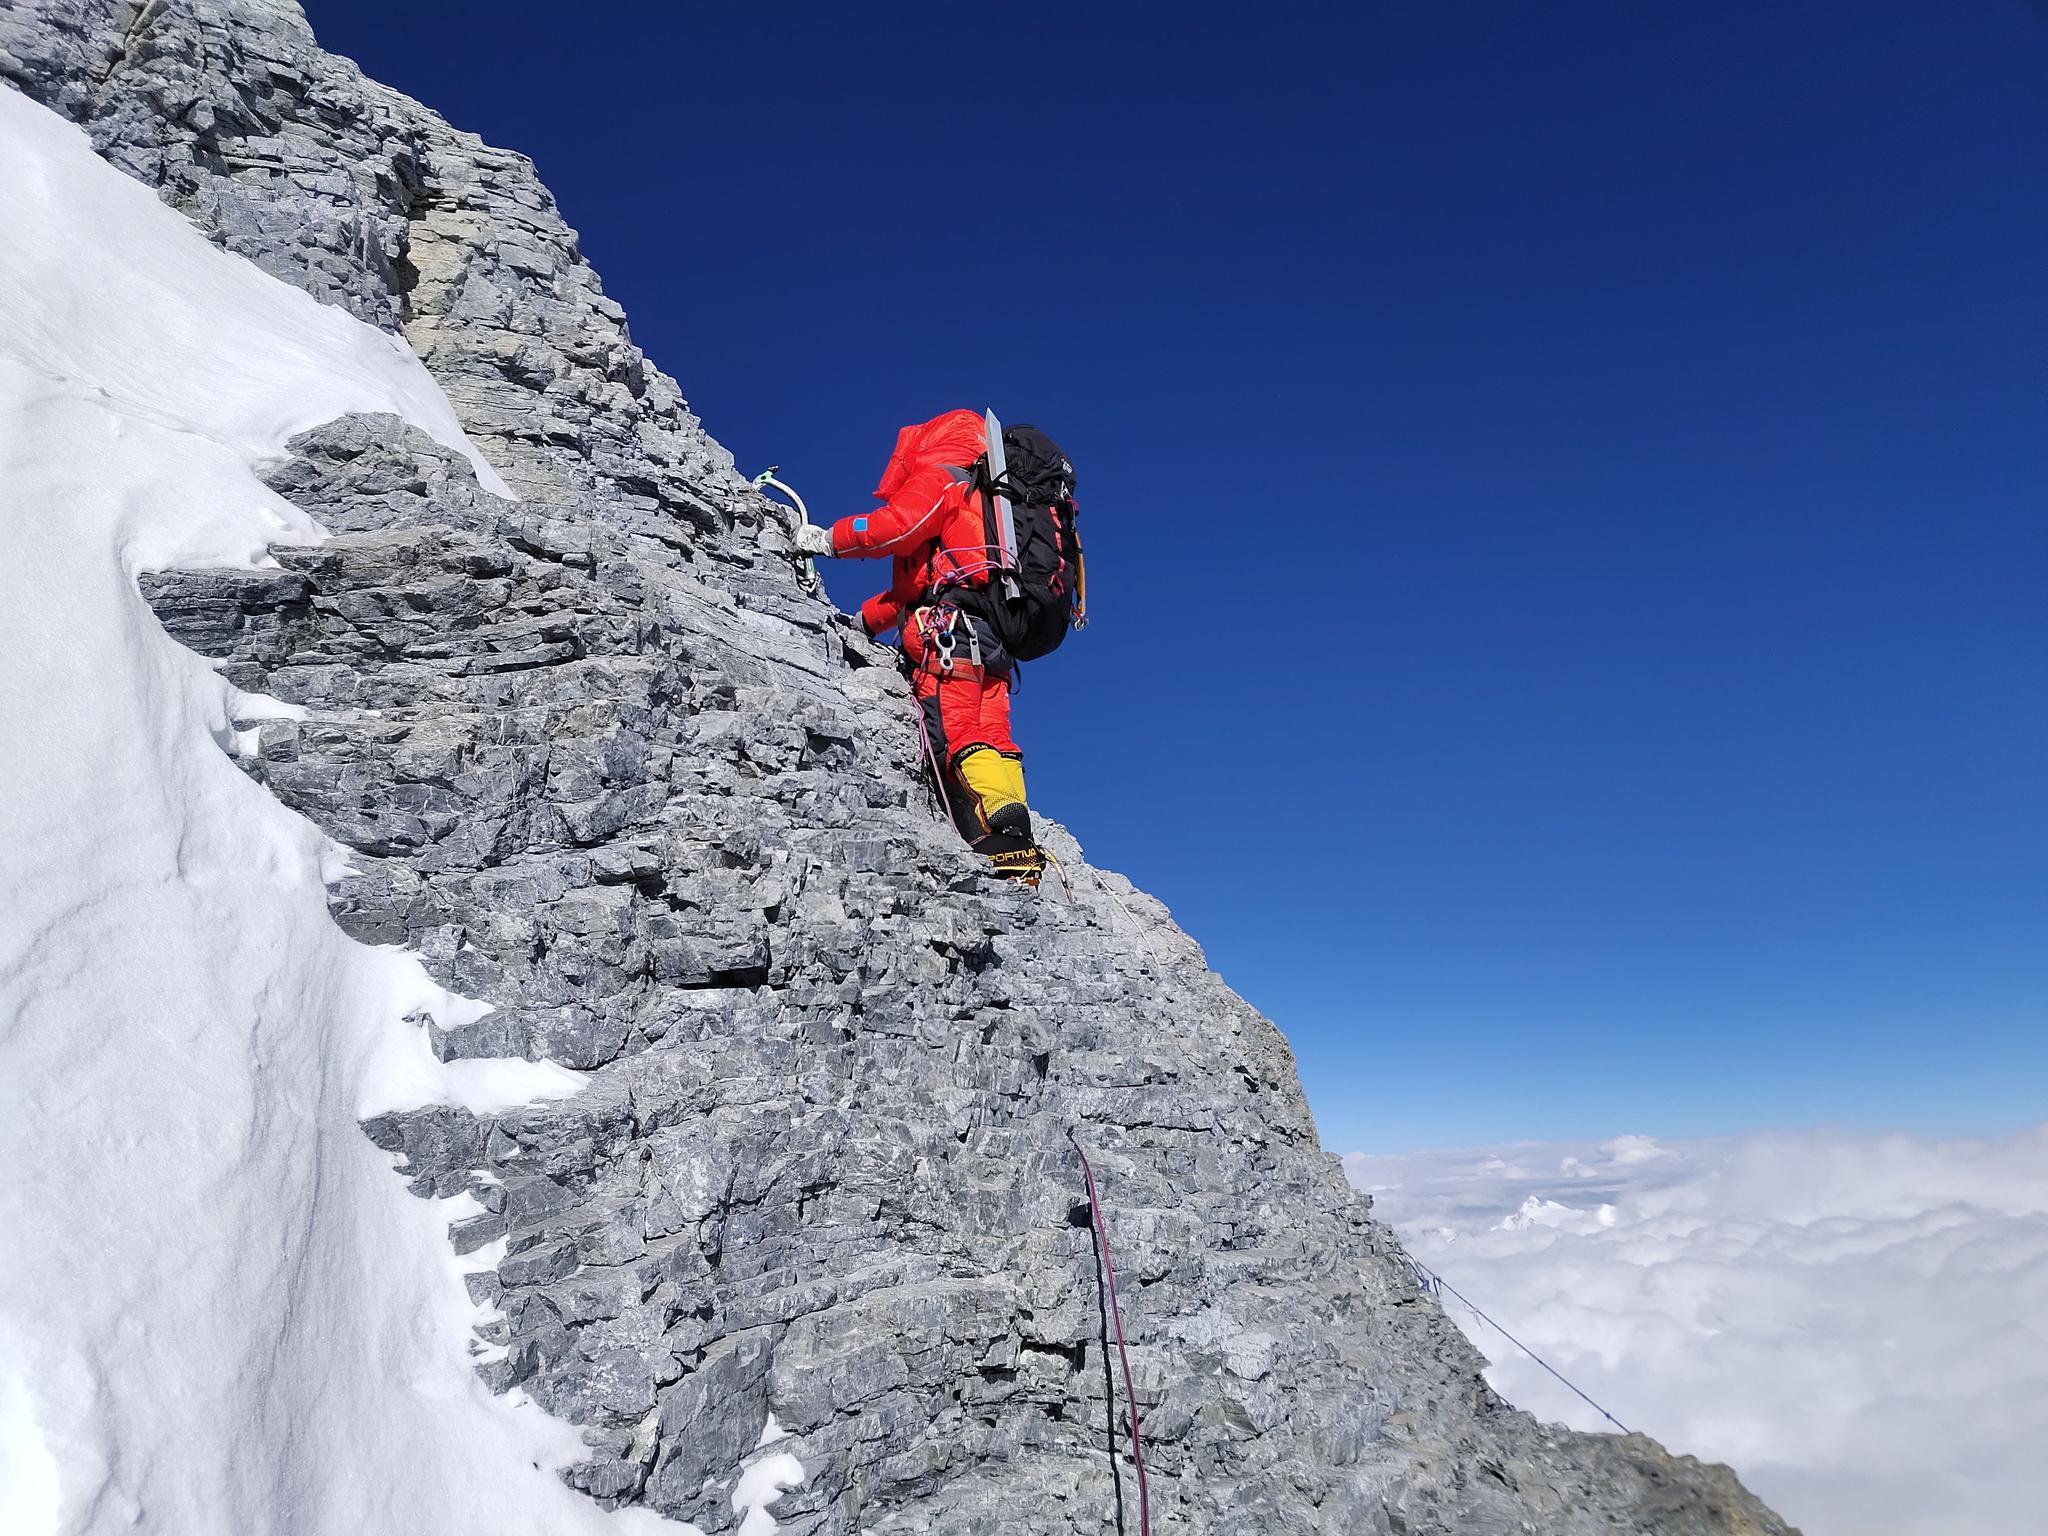 珠峰测量登山队向海拔8300米进发,预计明日凌晨攻顶图片